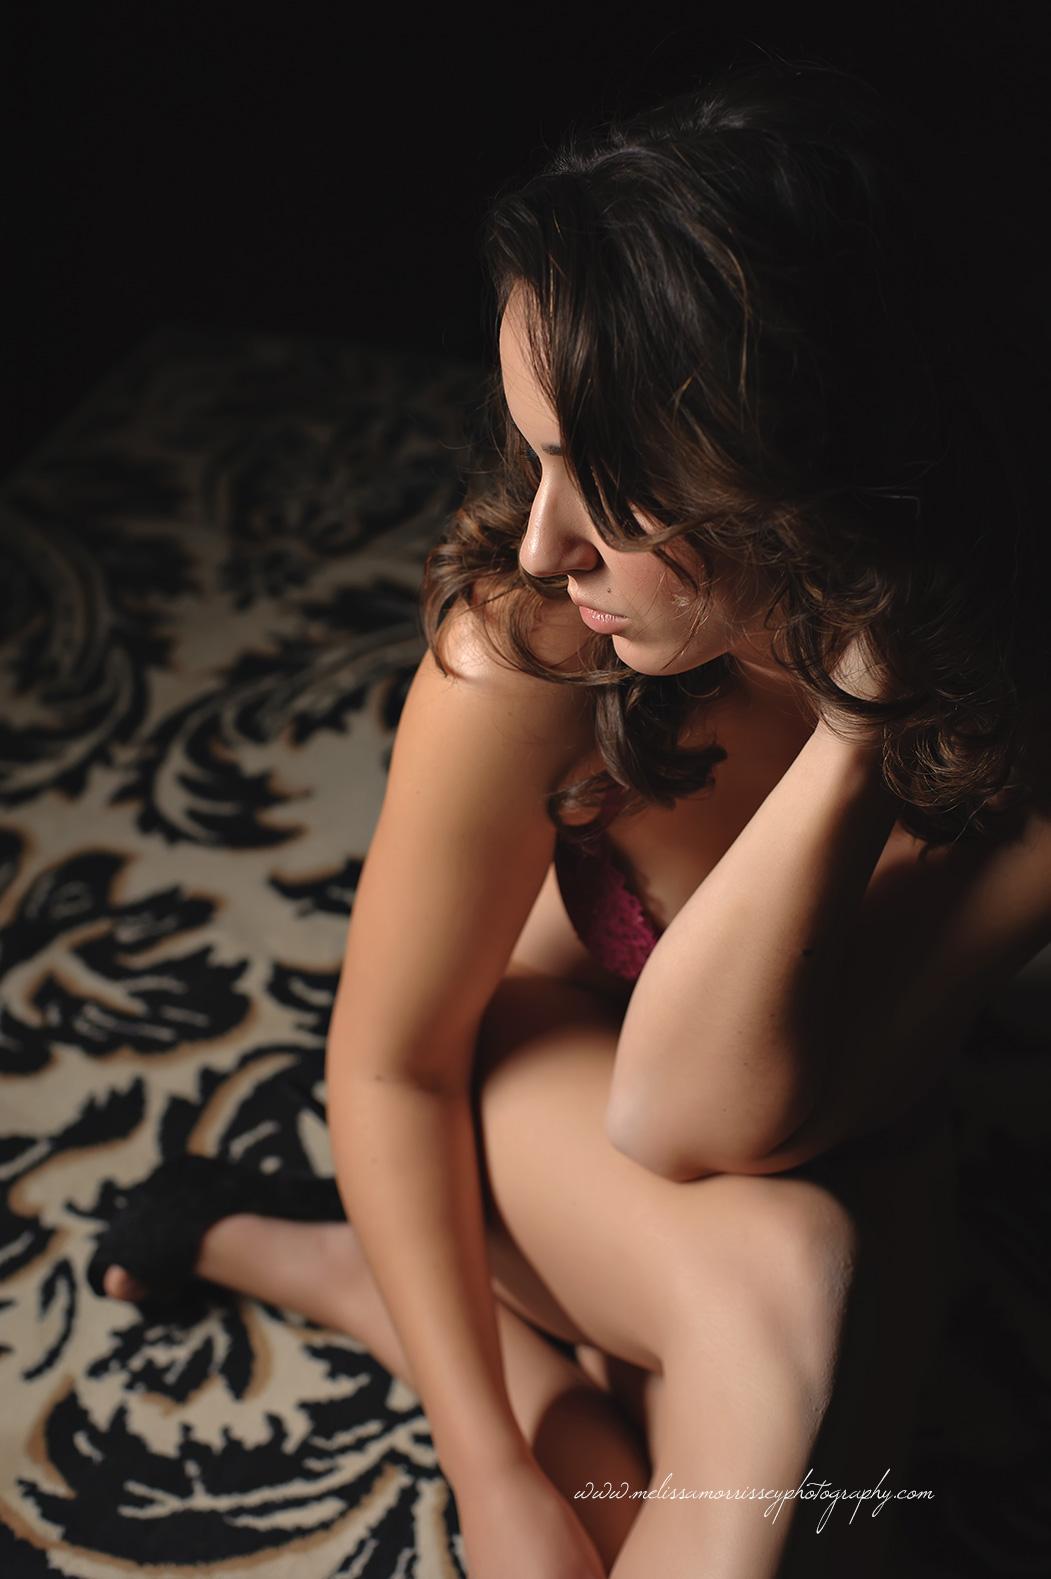 https://www.melissamorrisseyphotography.com/wp-content/uploads/2014/01/Ottawa-Boudoir-Glamour-Photographer-Melissa-Morrissey-34.jpg